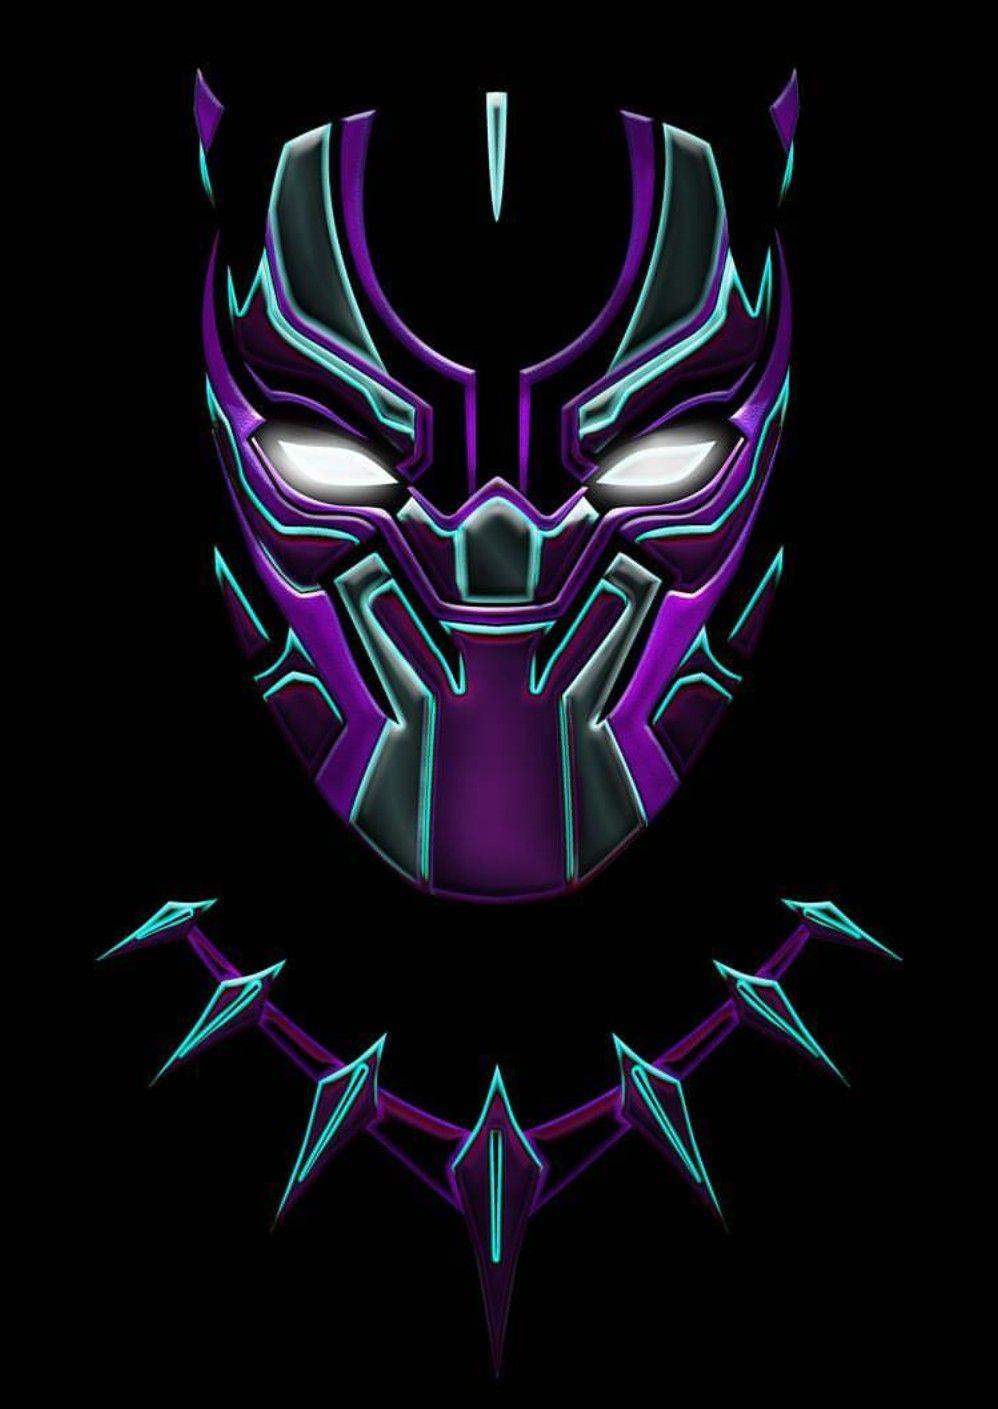 Black Panther T Challa Pantera Negra Dibujo De Pantera Negra Pantera Negra De Marvel